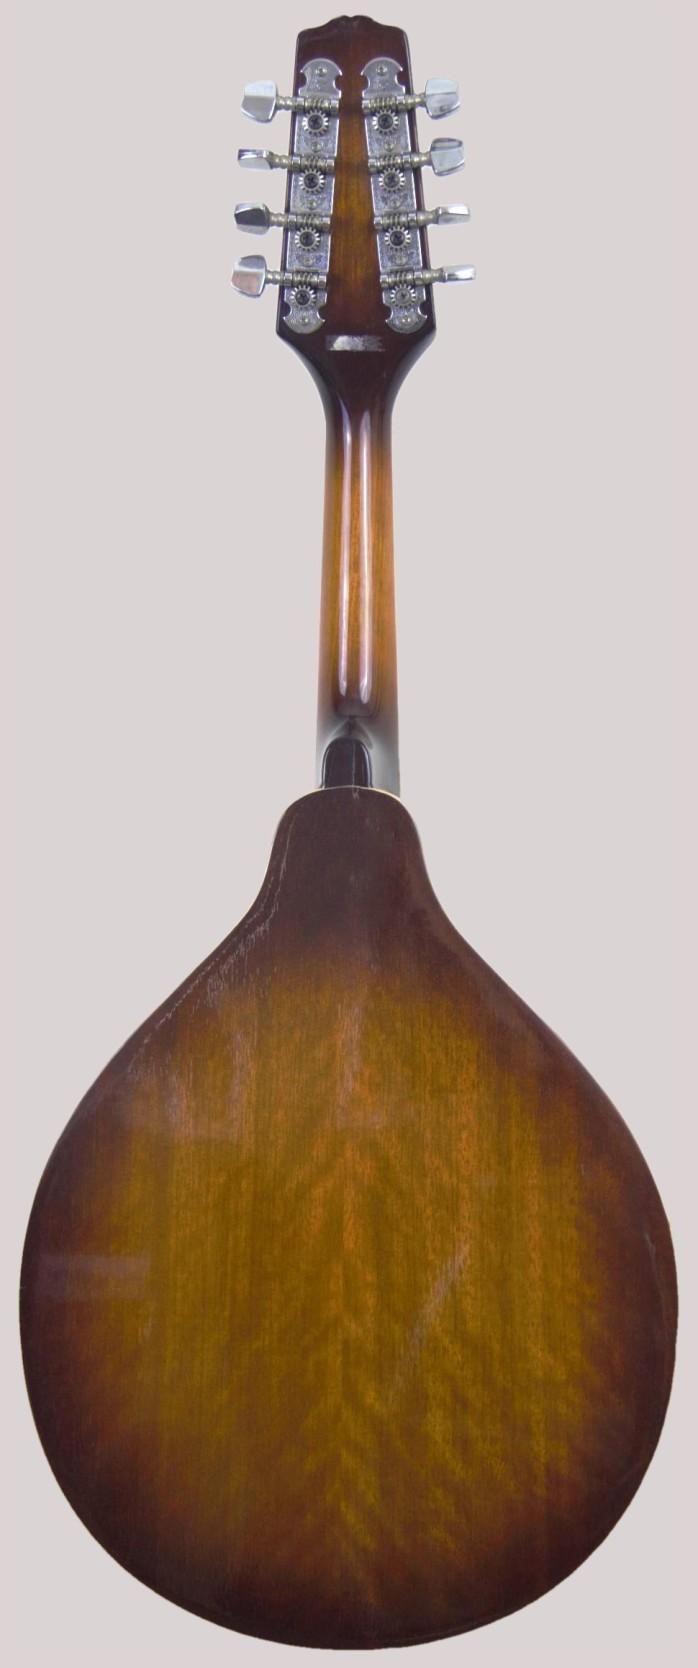 epi arch back f hole mandola